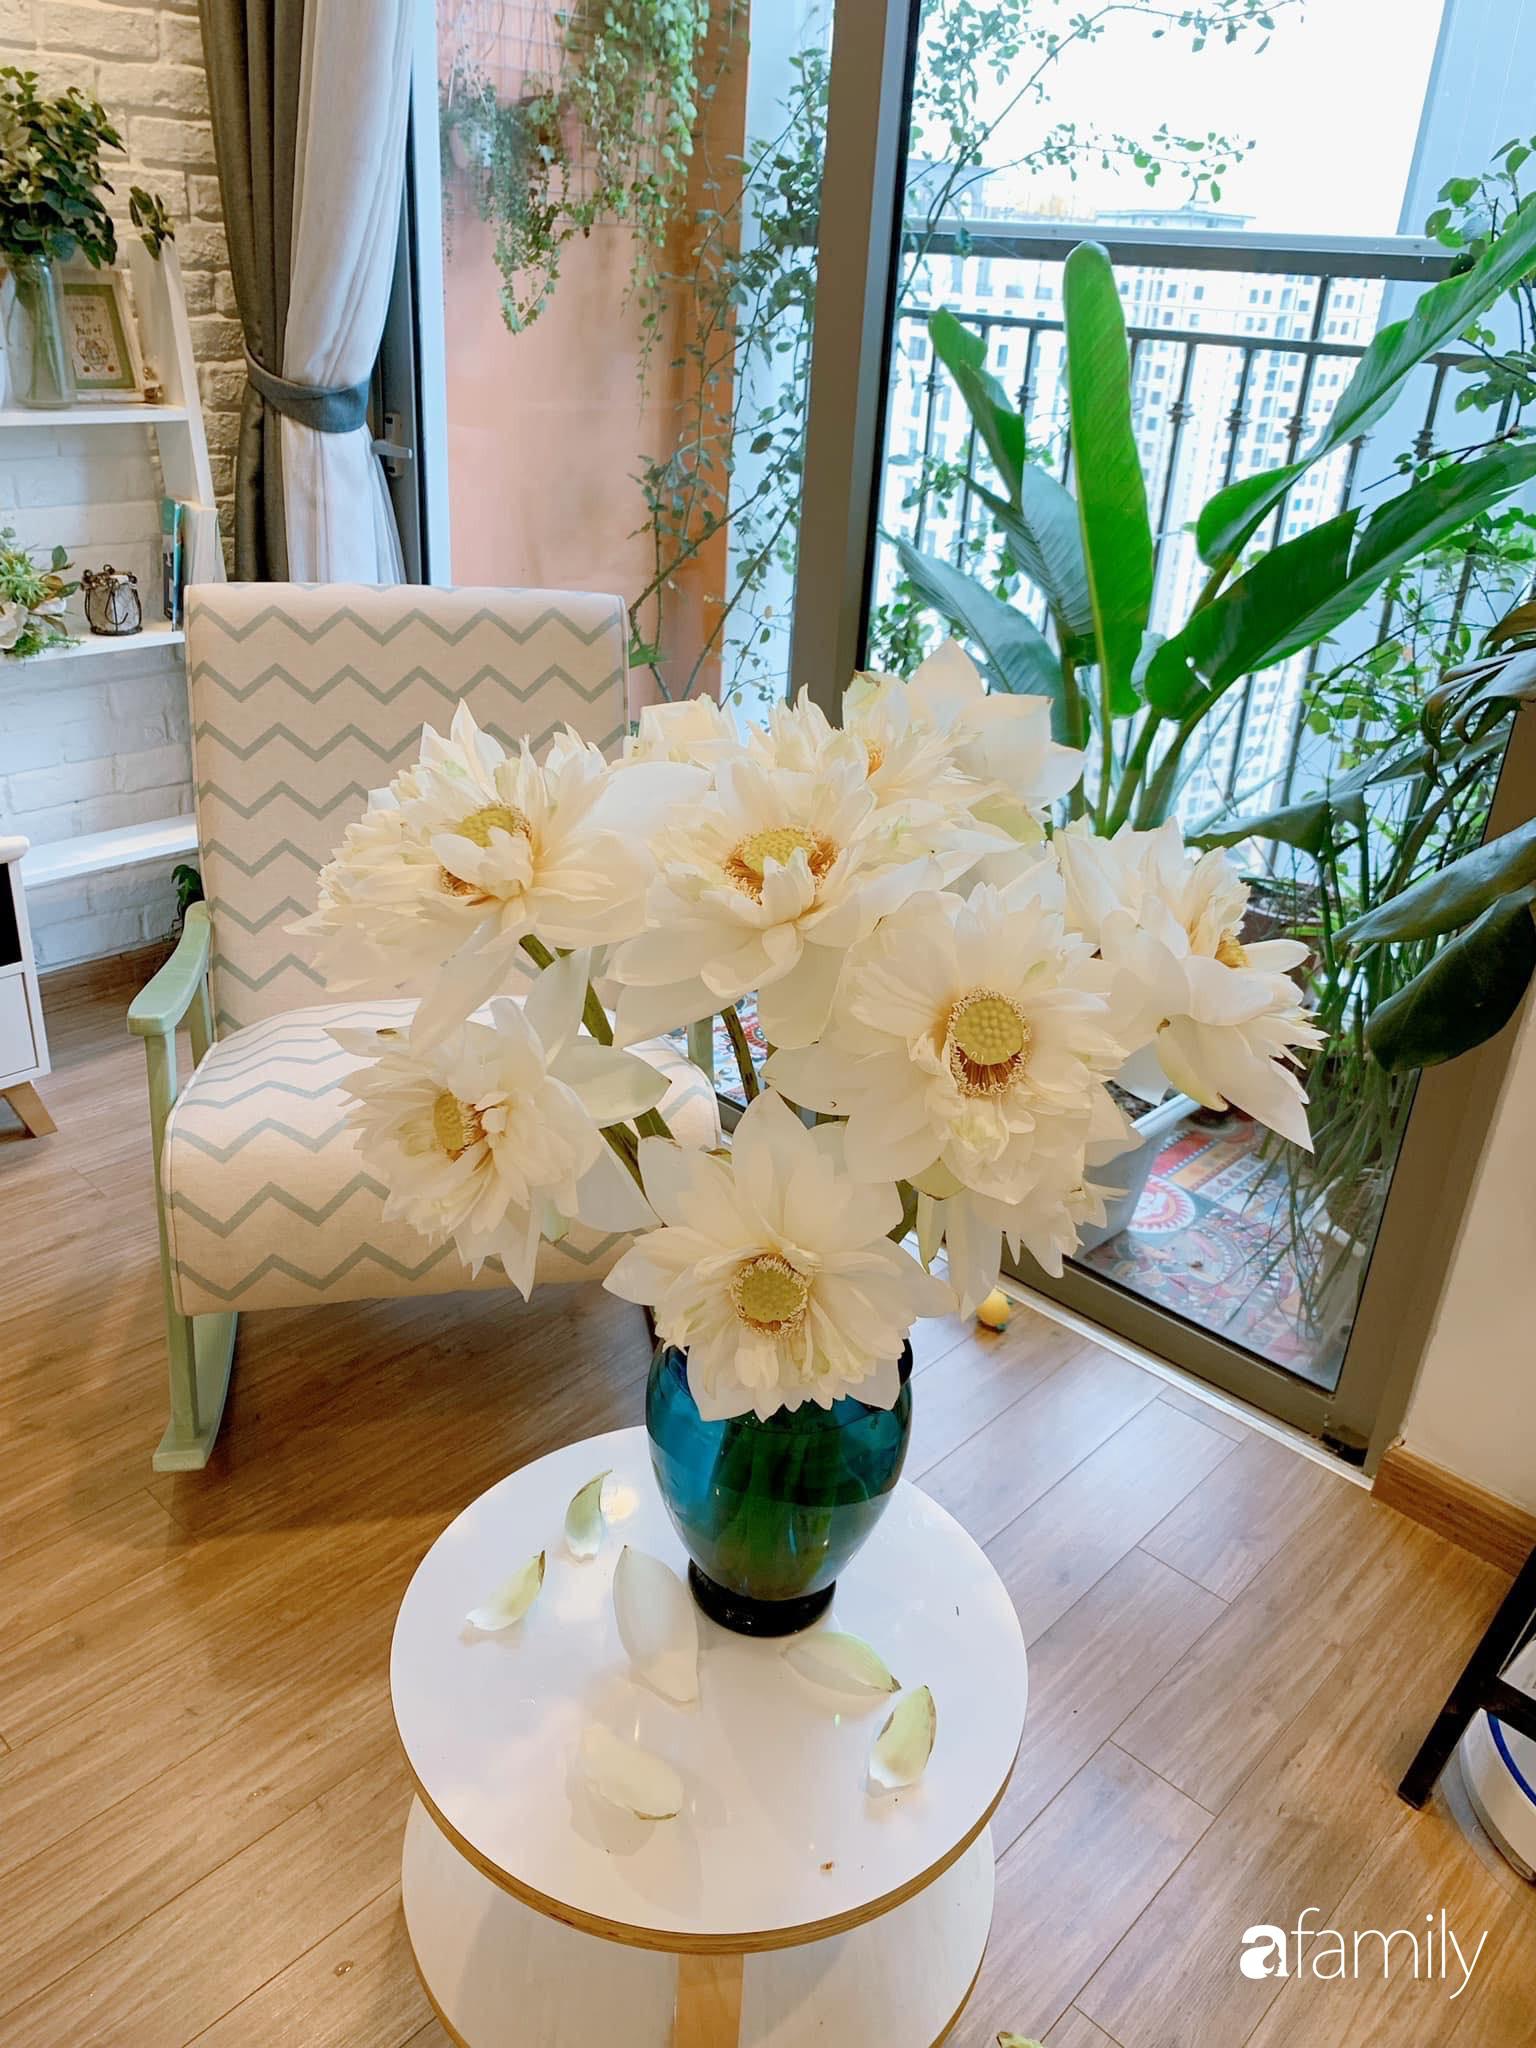 Căn hộ được trang trí tỉ mỉ, khéo léo giúp góc nào cũng đẹp ấm cúng và bình yên ở Hà Nội - Ảnh 24.